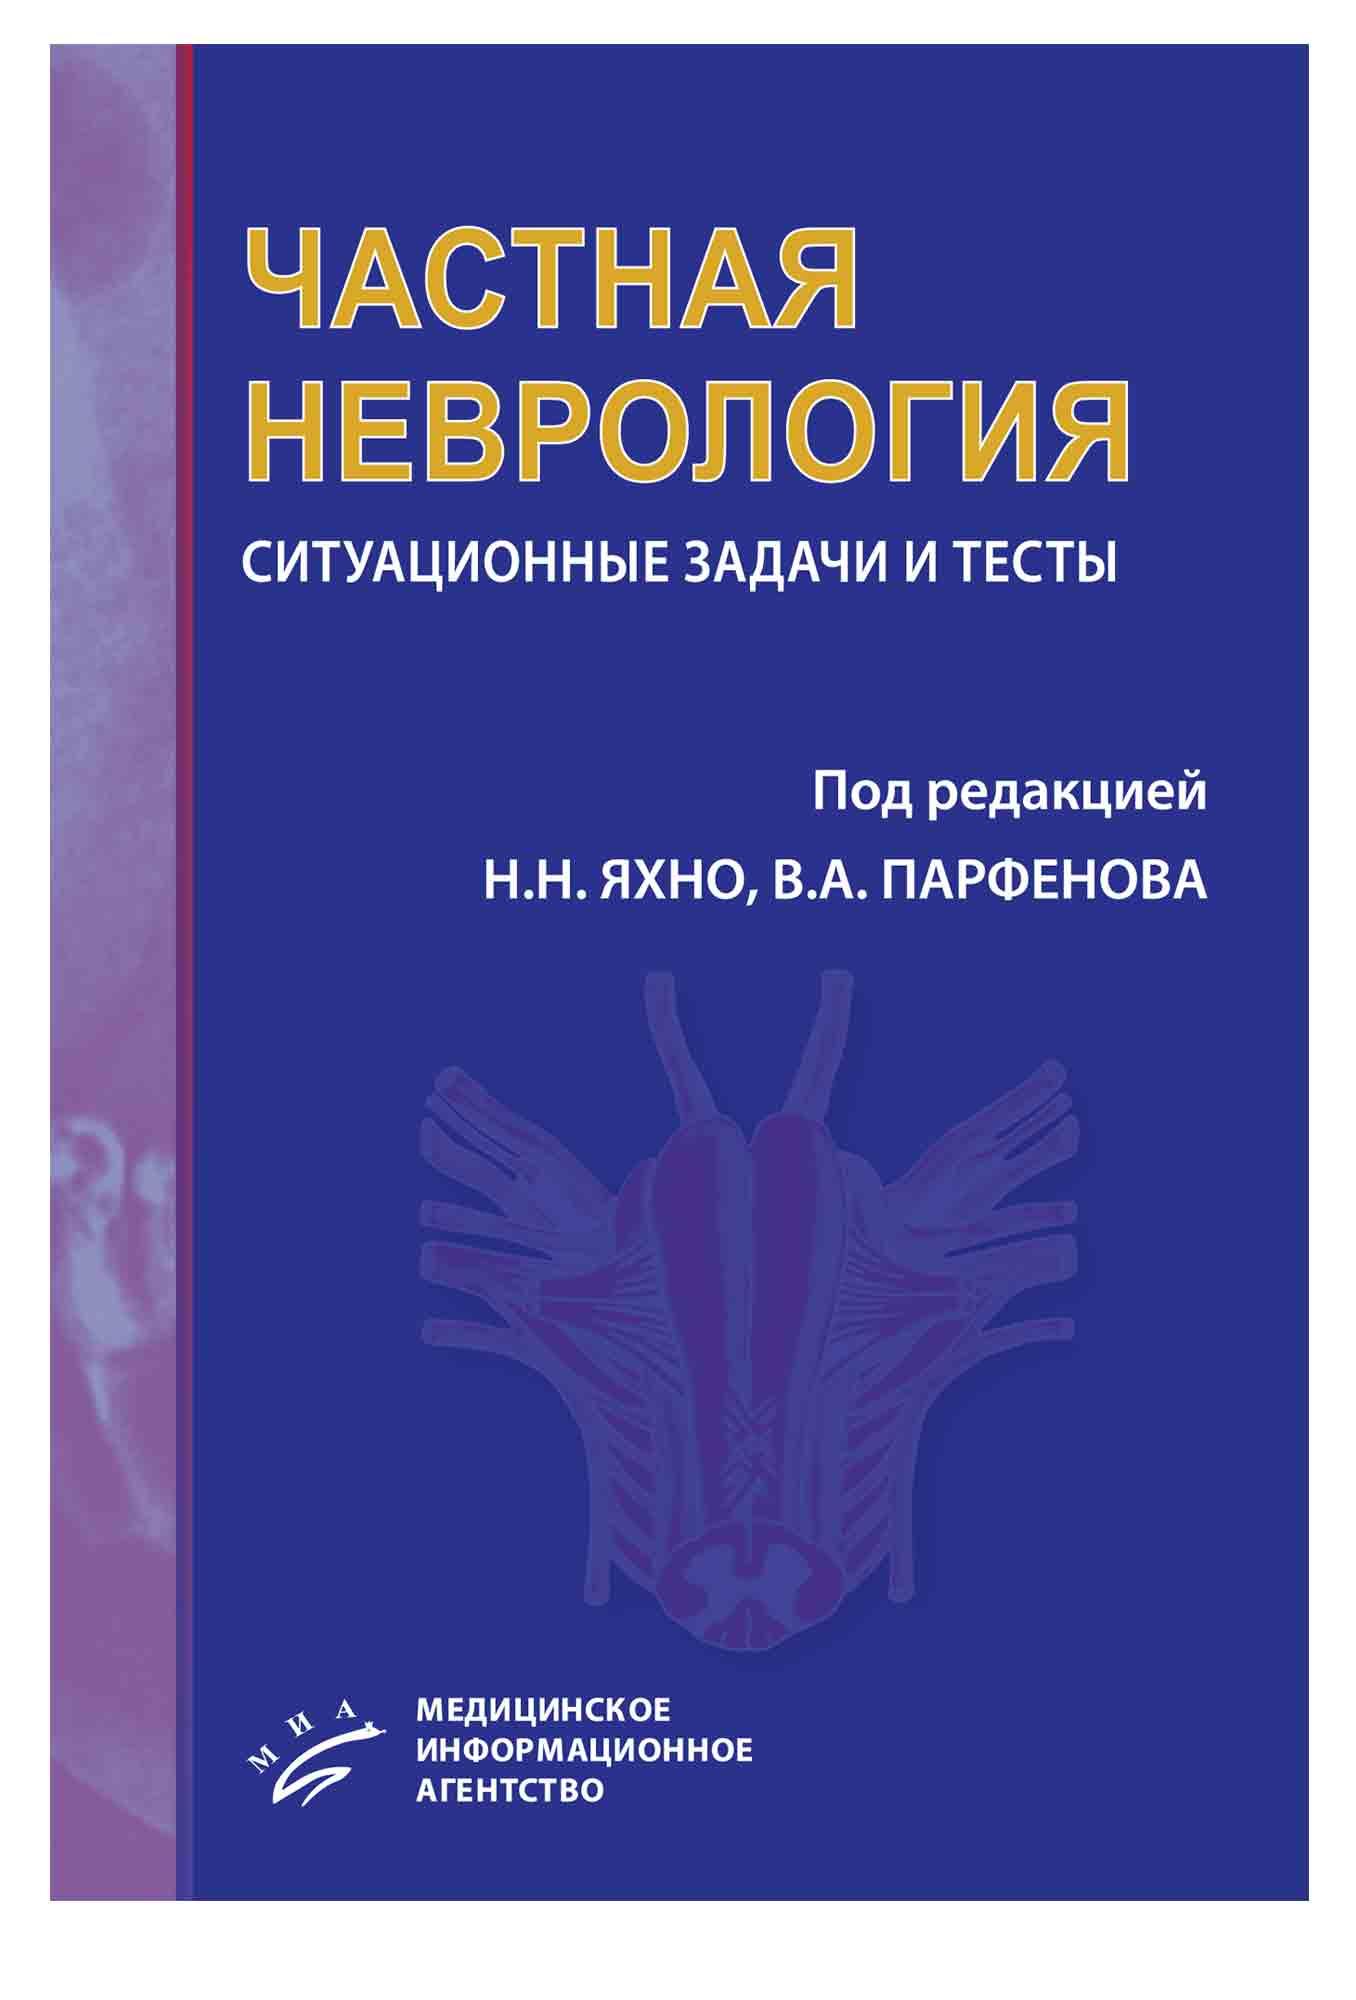 частная неврология ситуационные задачи и тесты под редакцией н.н яхно в.а парфеновой м 2009